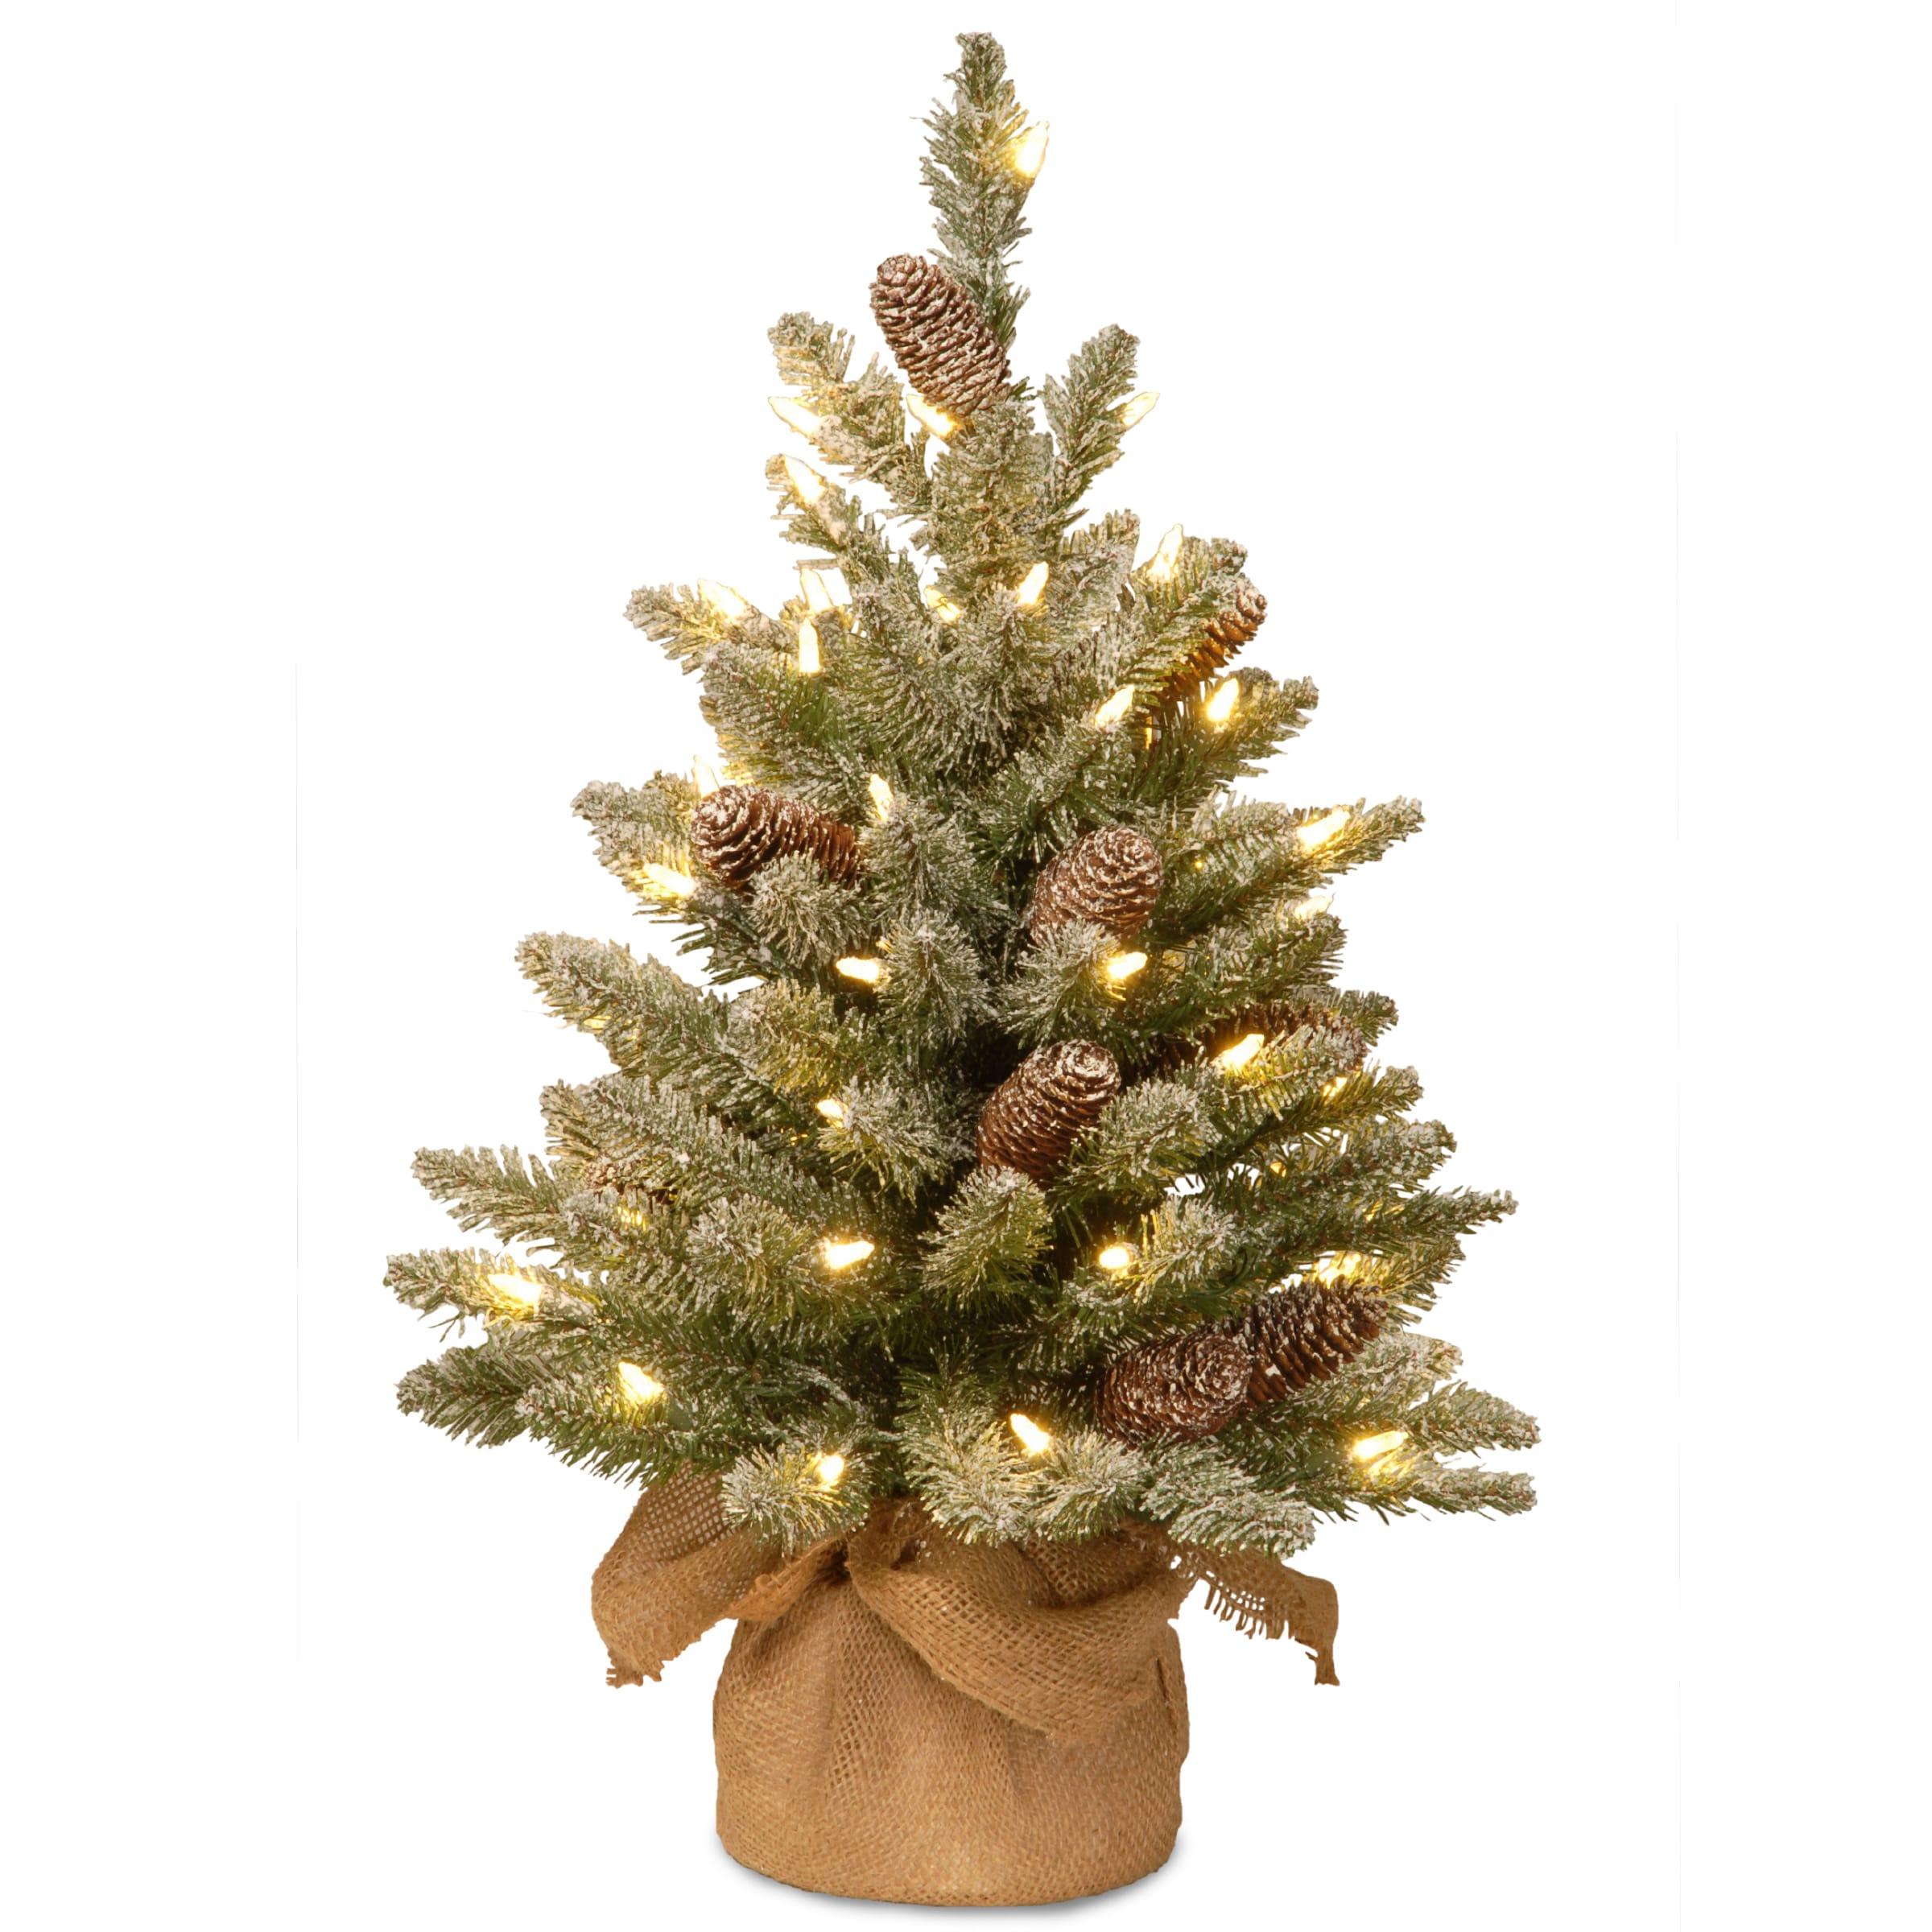 Snowy Concolor Fir Christmas Tree